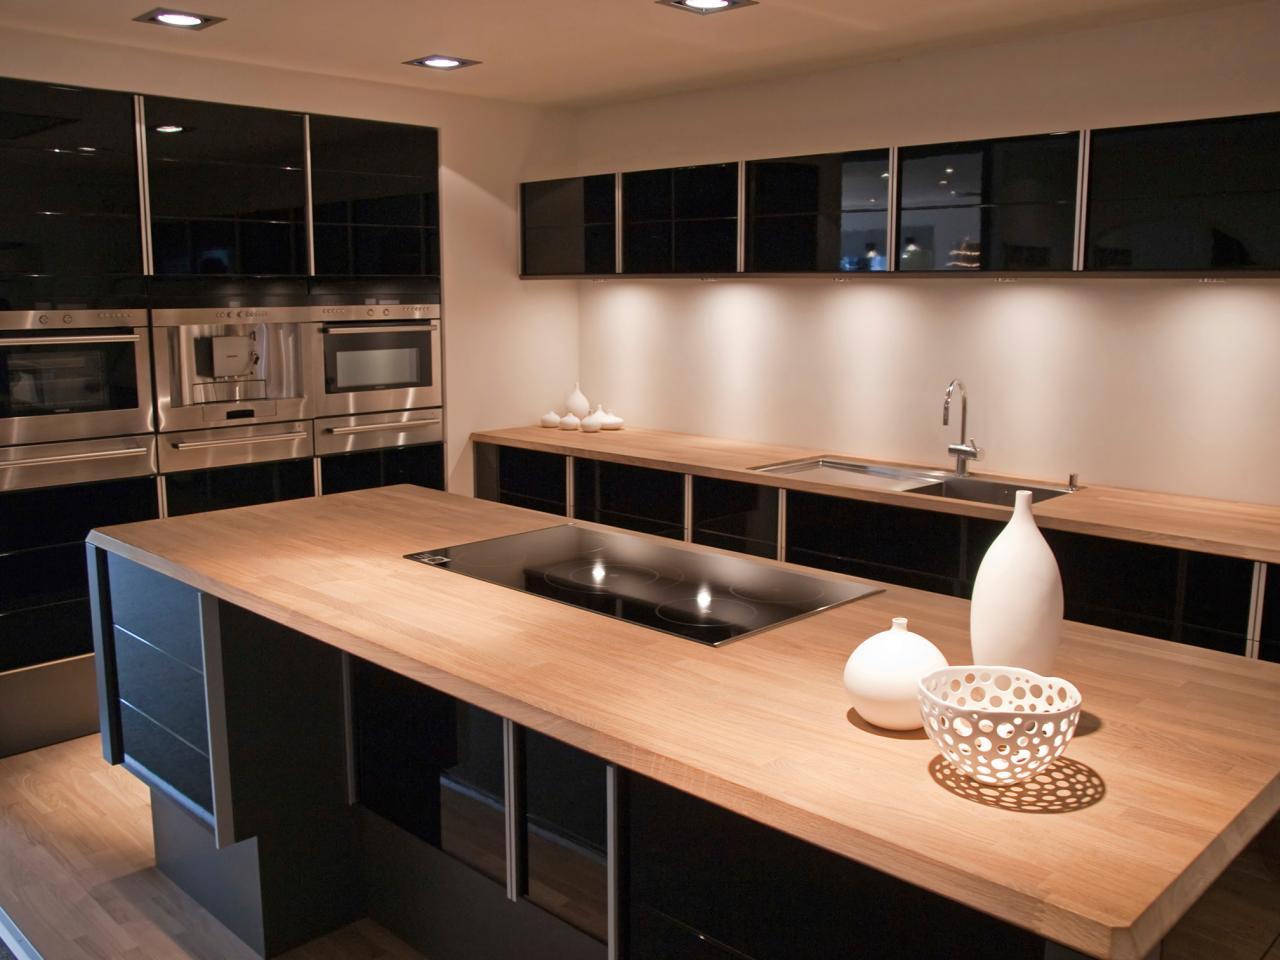 اپن آشپزخانه چوبی در آشپزخانه مدرن